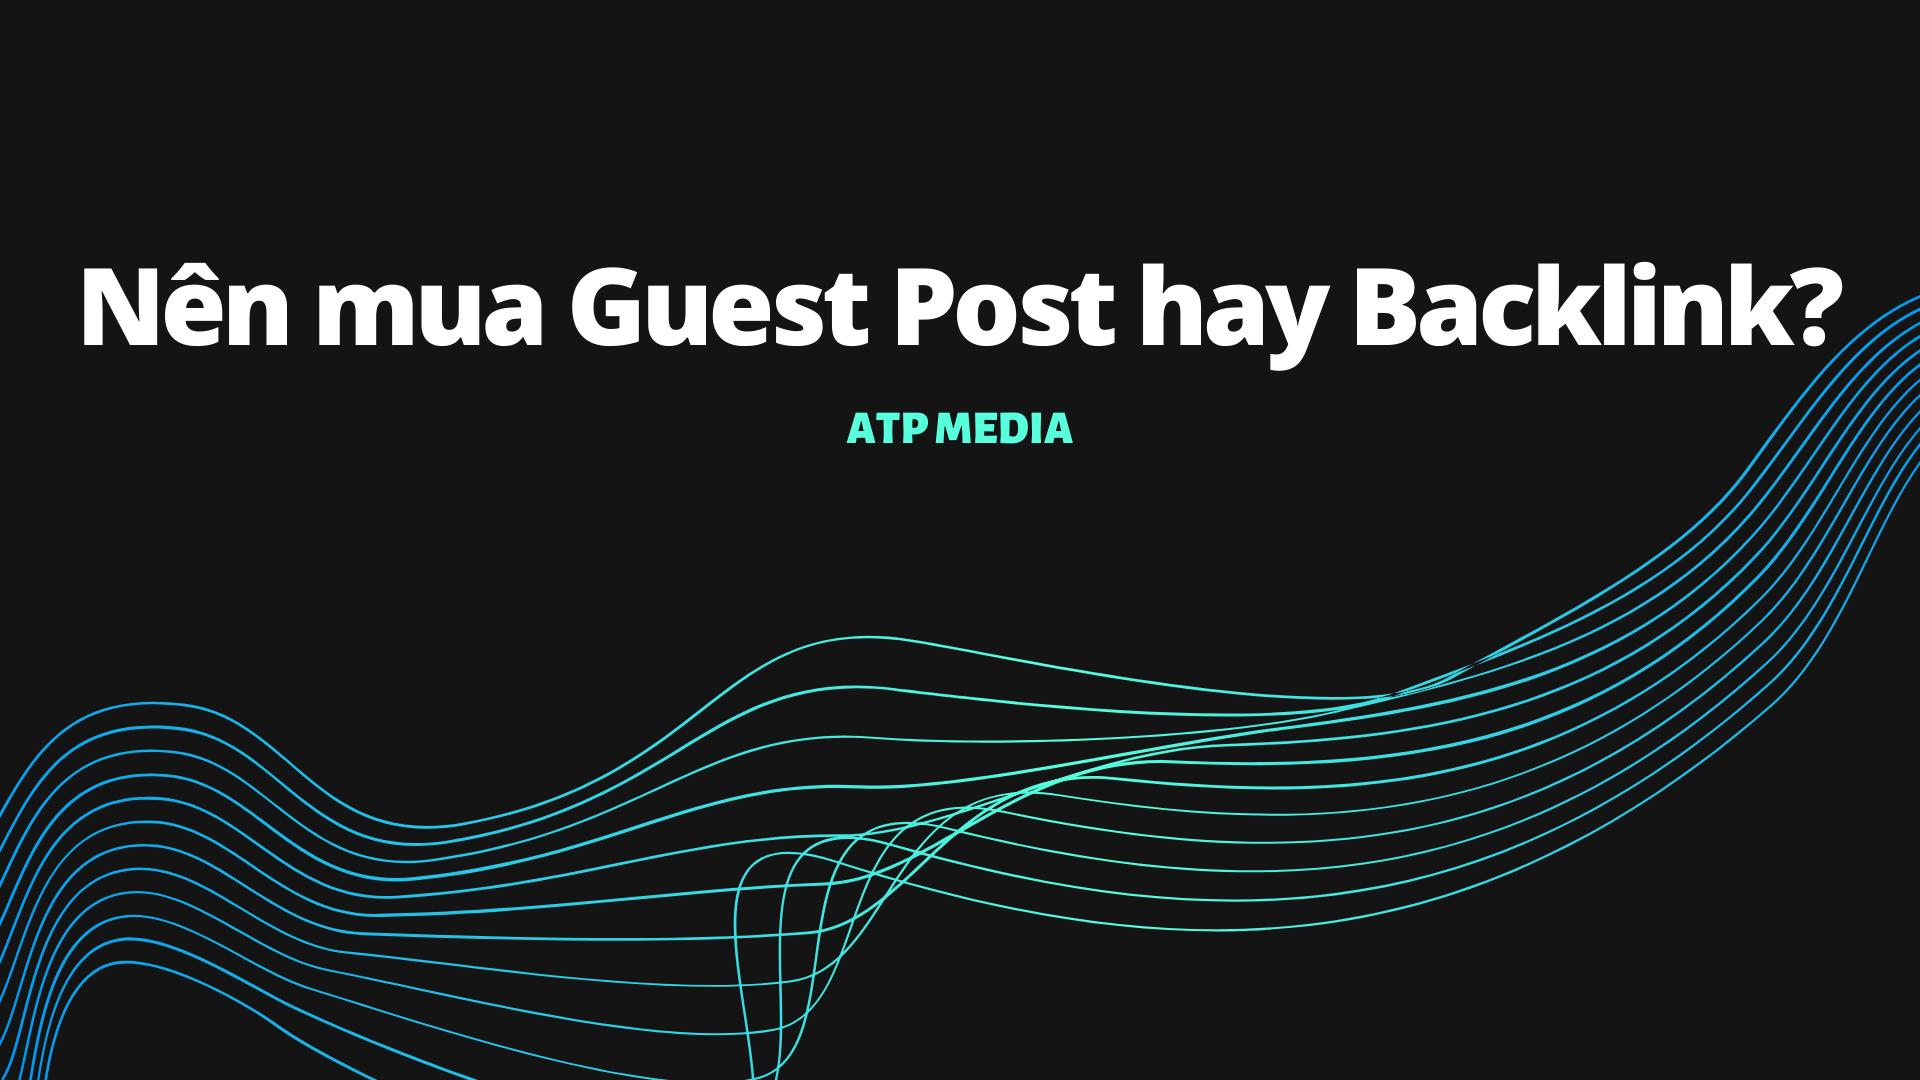 Nên mua Guest Post hay Backlink_